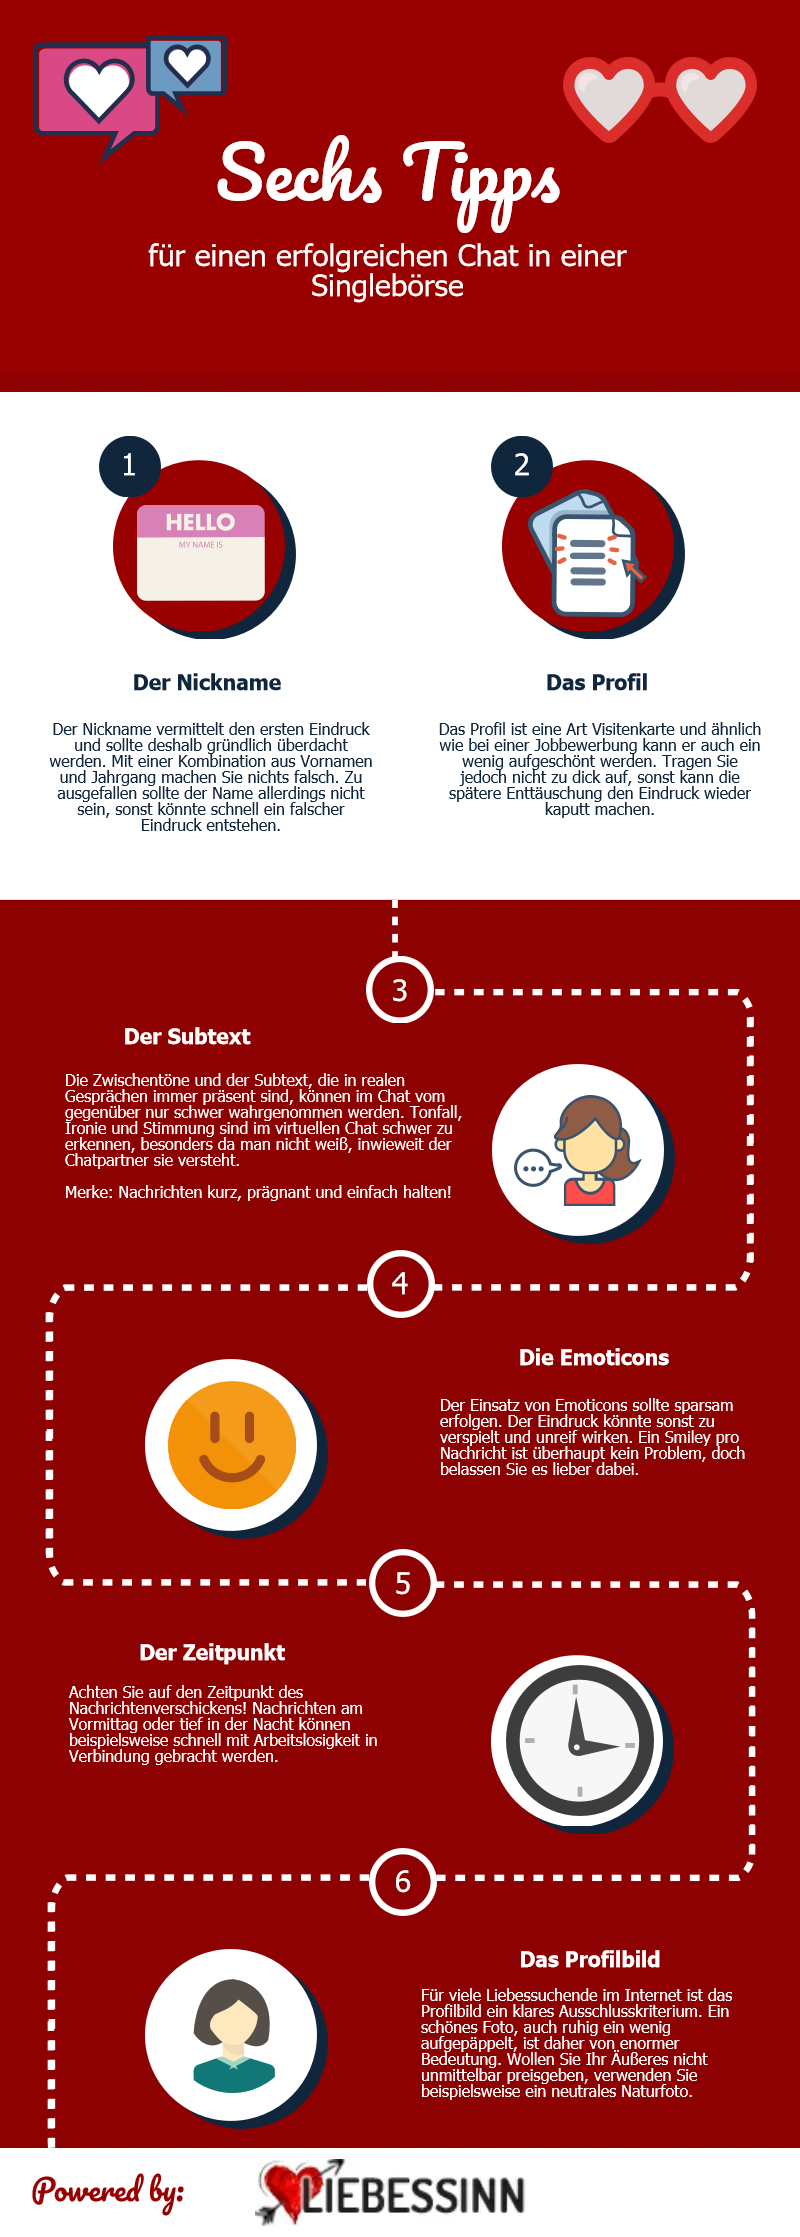 Infografik zu Tipps für einen erfolgreichen Chat in einer Singlebörse